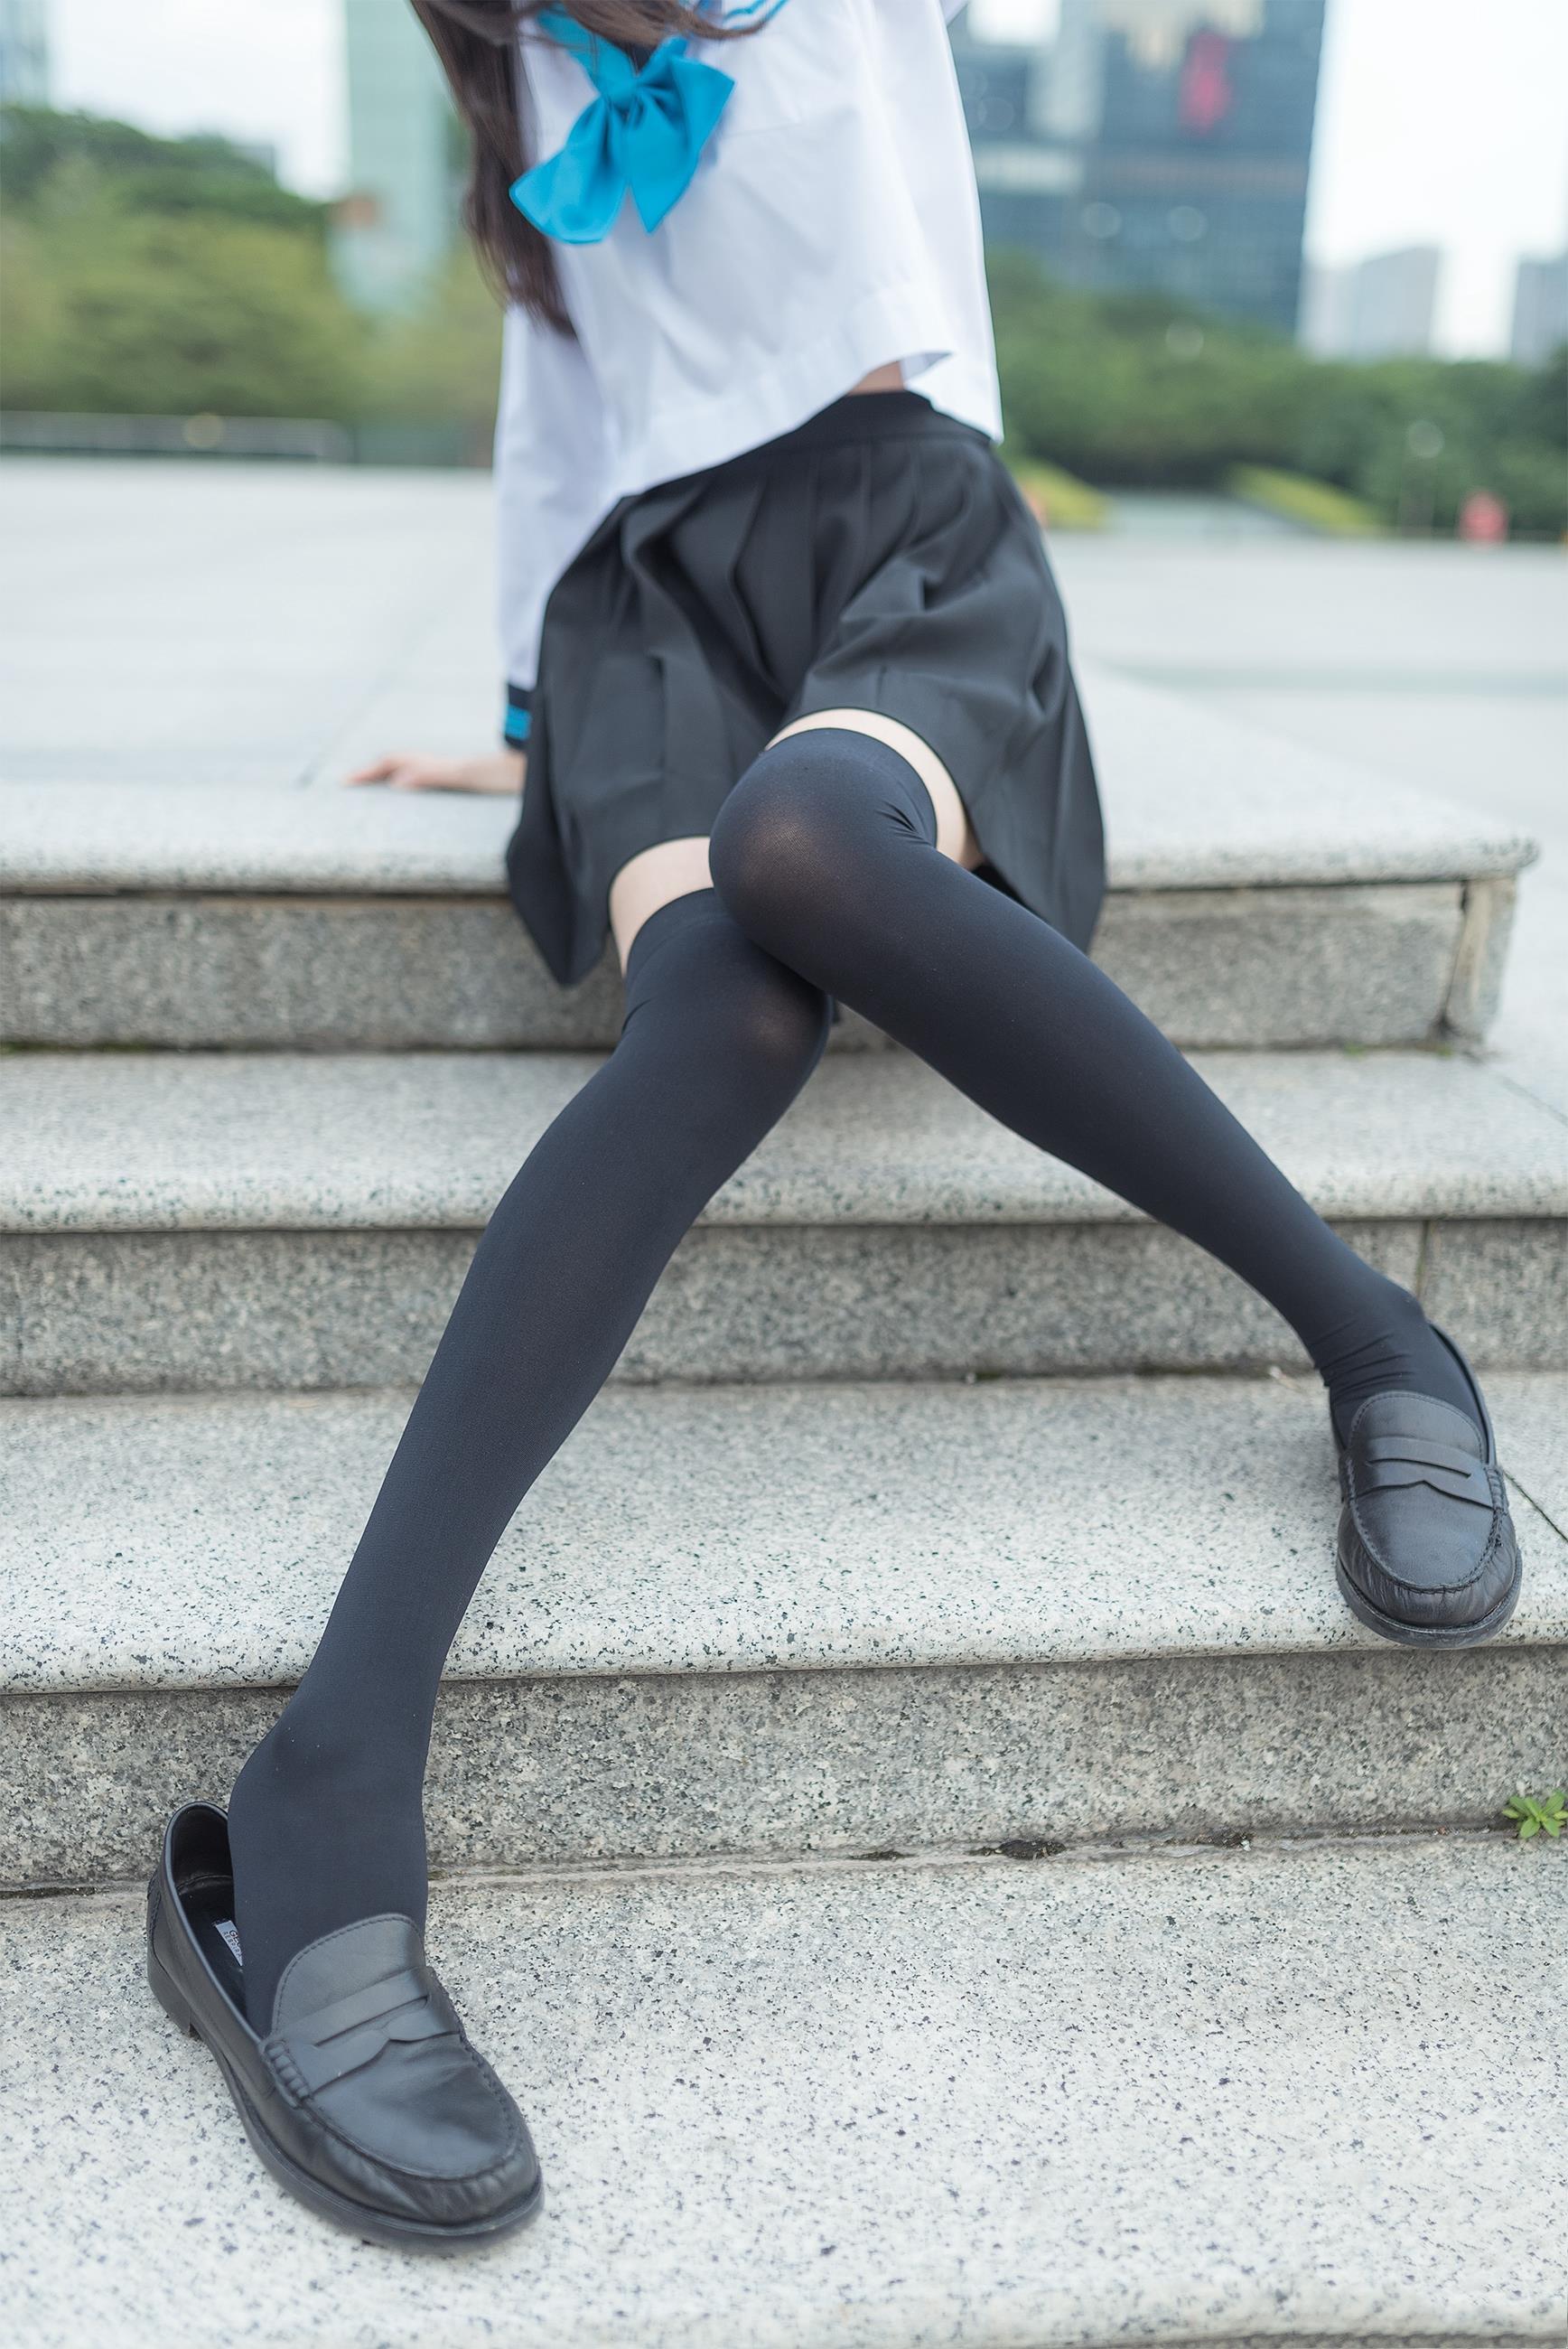 【风之领域0003】腿控福利-你的双眸准备好了吗?黑丝校园萌妹有惊喜哦!